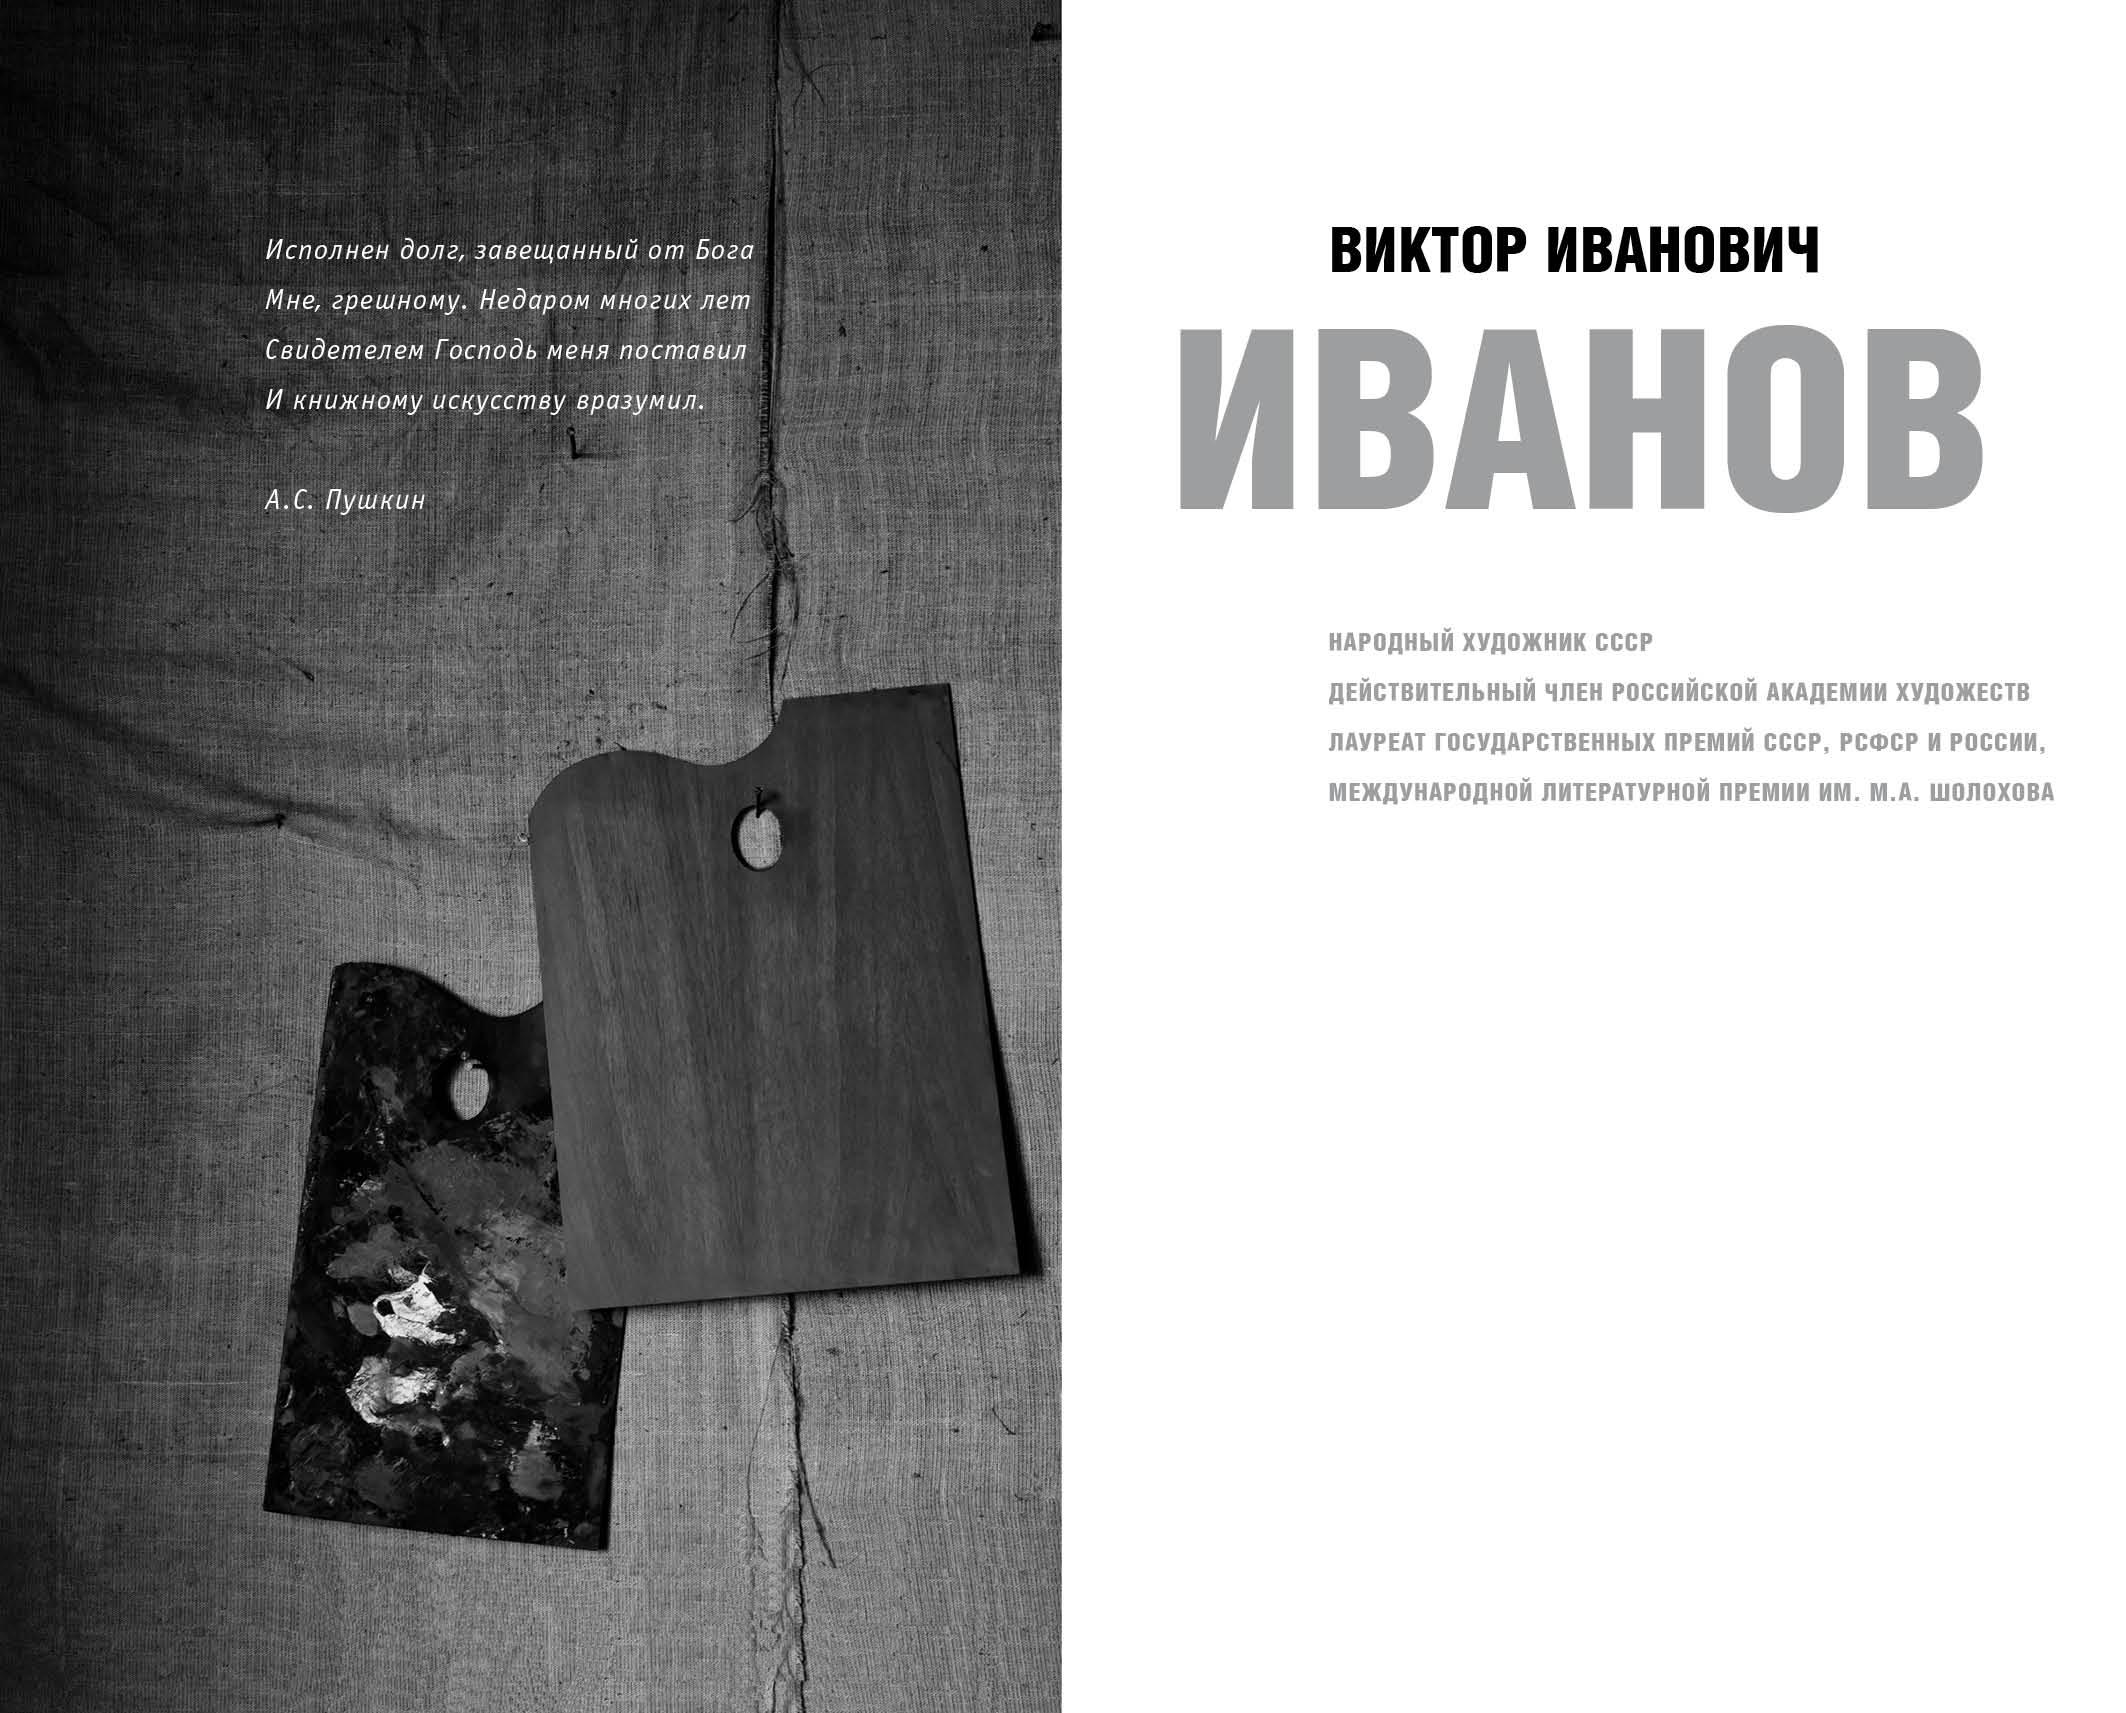 Виктор Иванов3